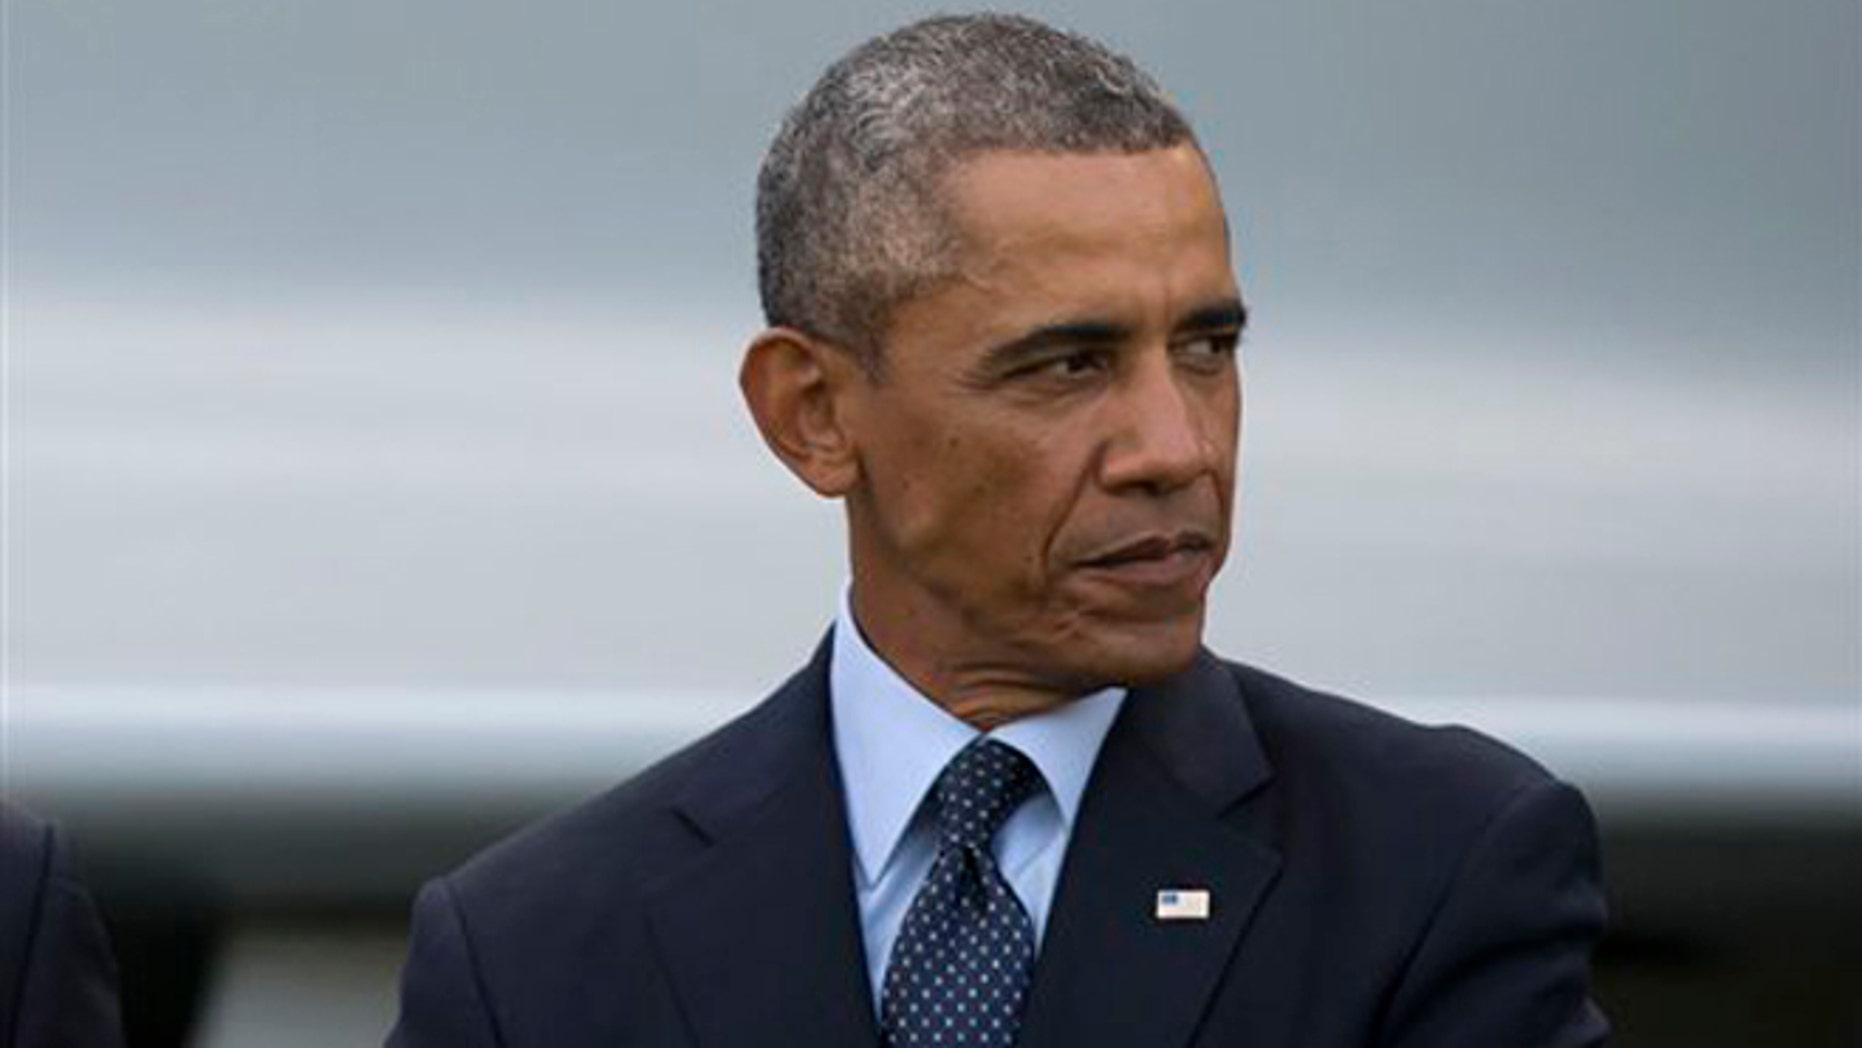 El presidente Barack Obama anunció el domingo 7 de 2014 que presentará en los próximas días su estrategia para derrotar al Estado Islámico que controla algunas zonas en Irak y Siria. En la imagen, Obama durante un desfile de aviones en la cumbre de la OTAN en Newport, Gales, el 5 de septiembre. (AP Foto/Jon Super)